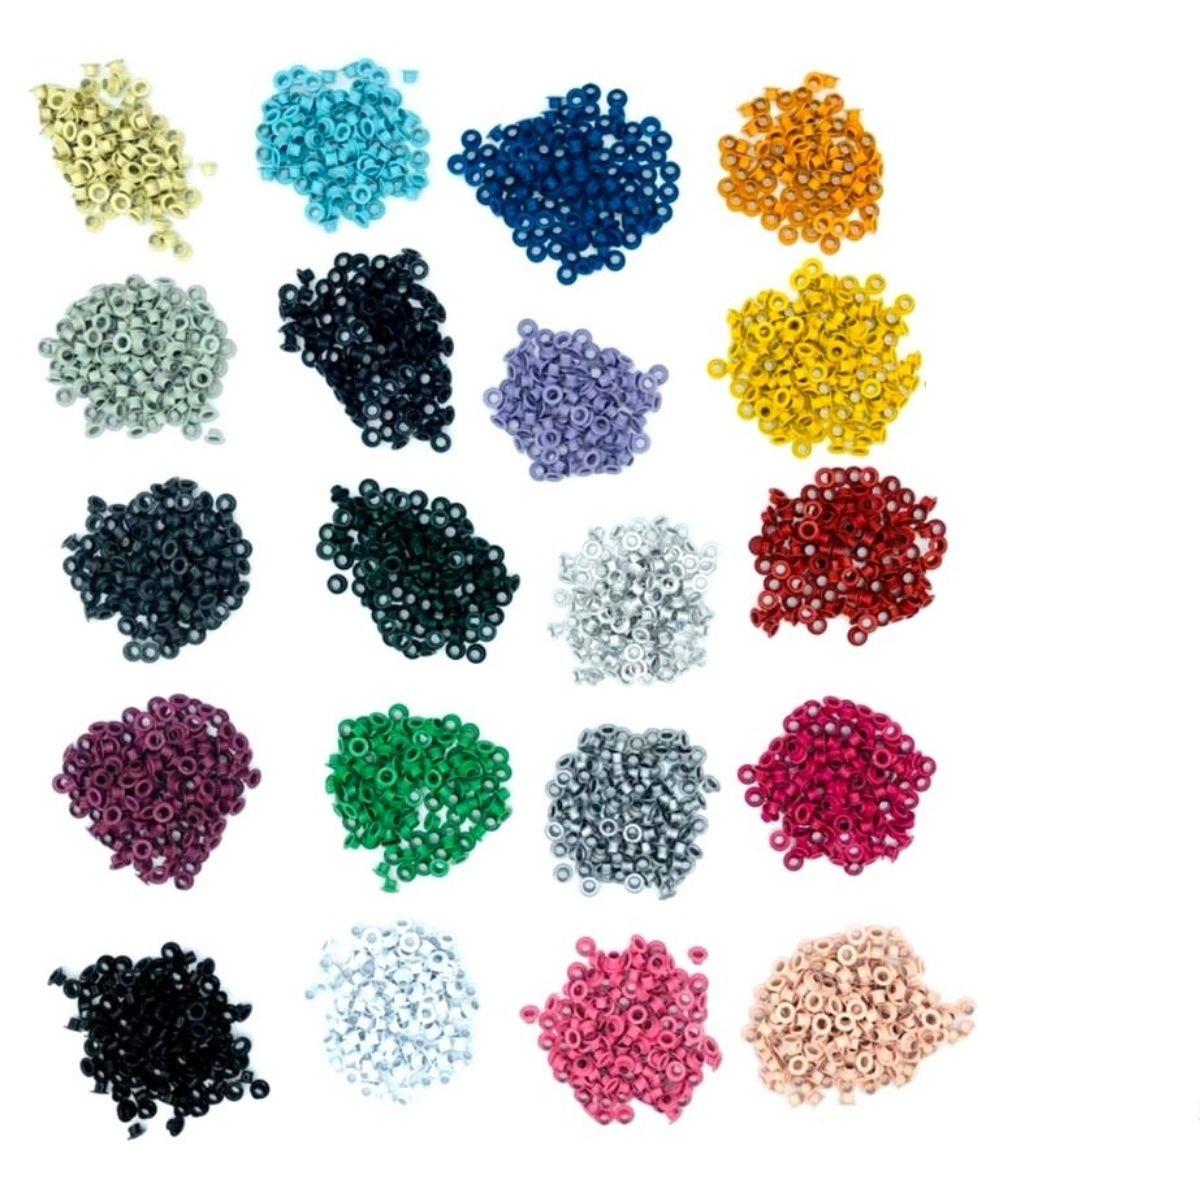 Ilhós 54 aluminio 20 cores com 100 peças cada